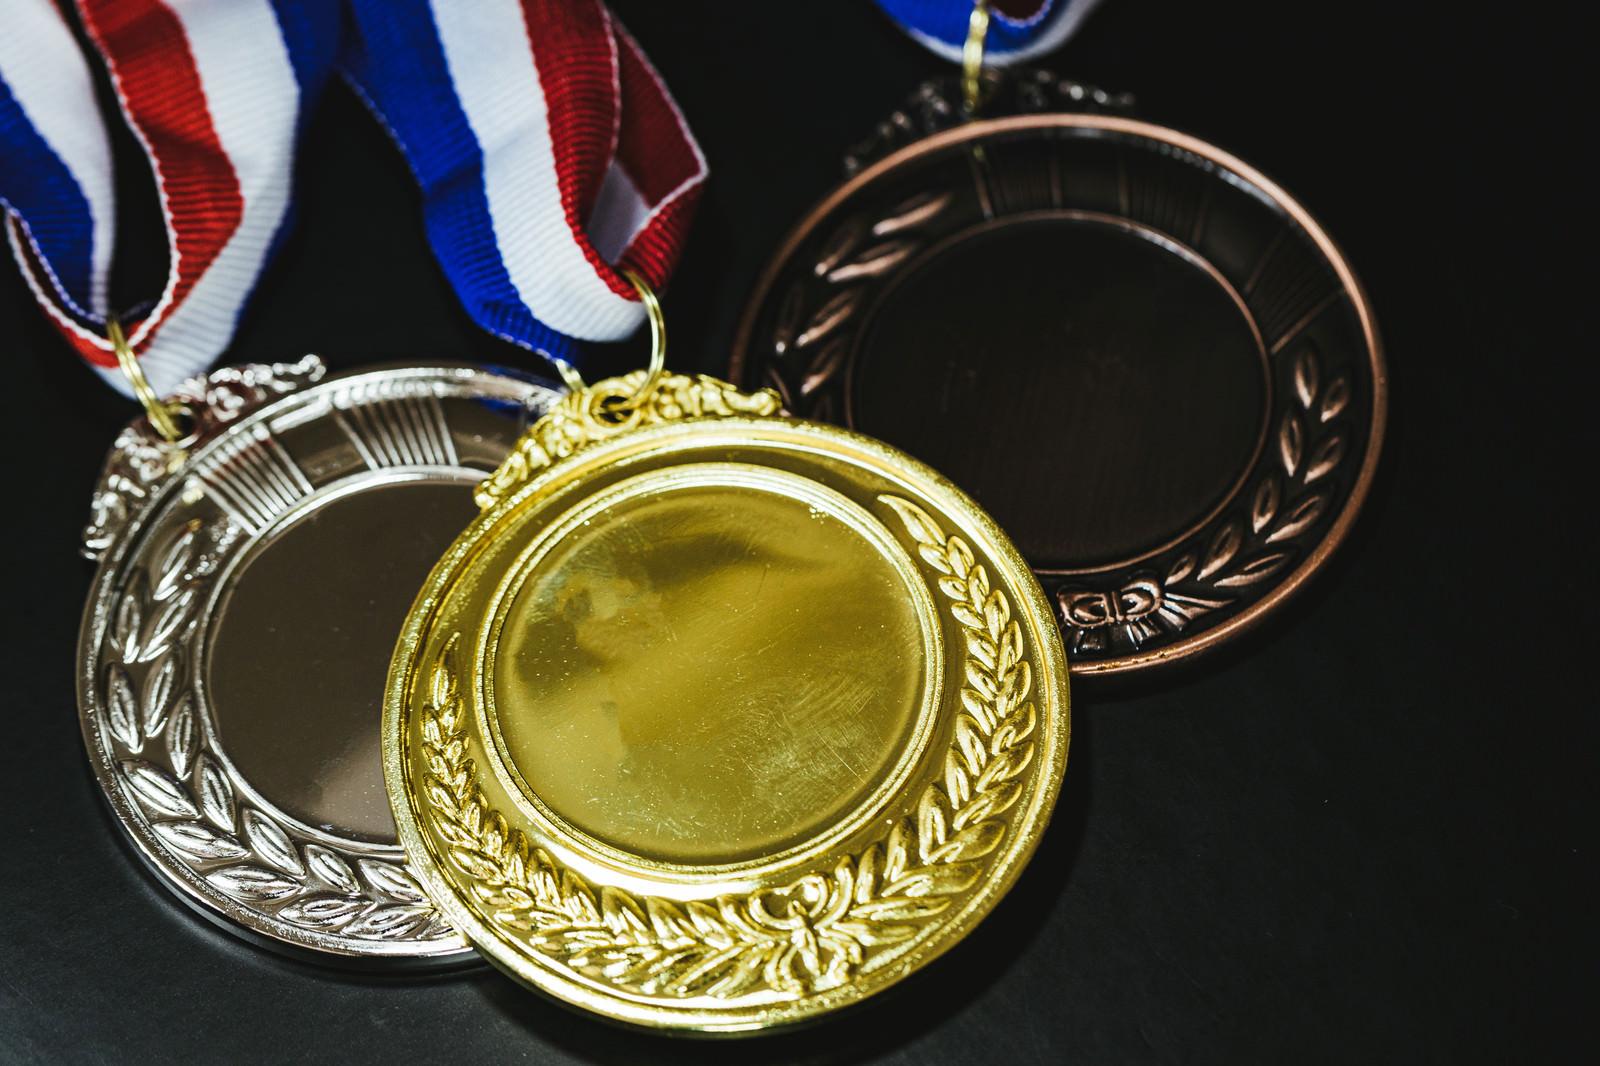 「獲得したメダル(金・銀・銅)」の写真